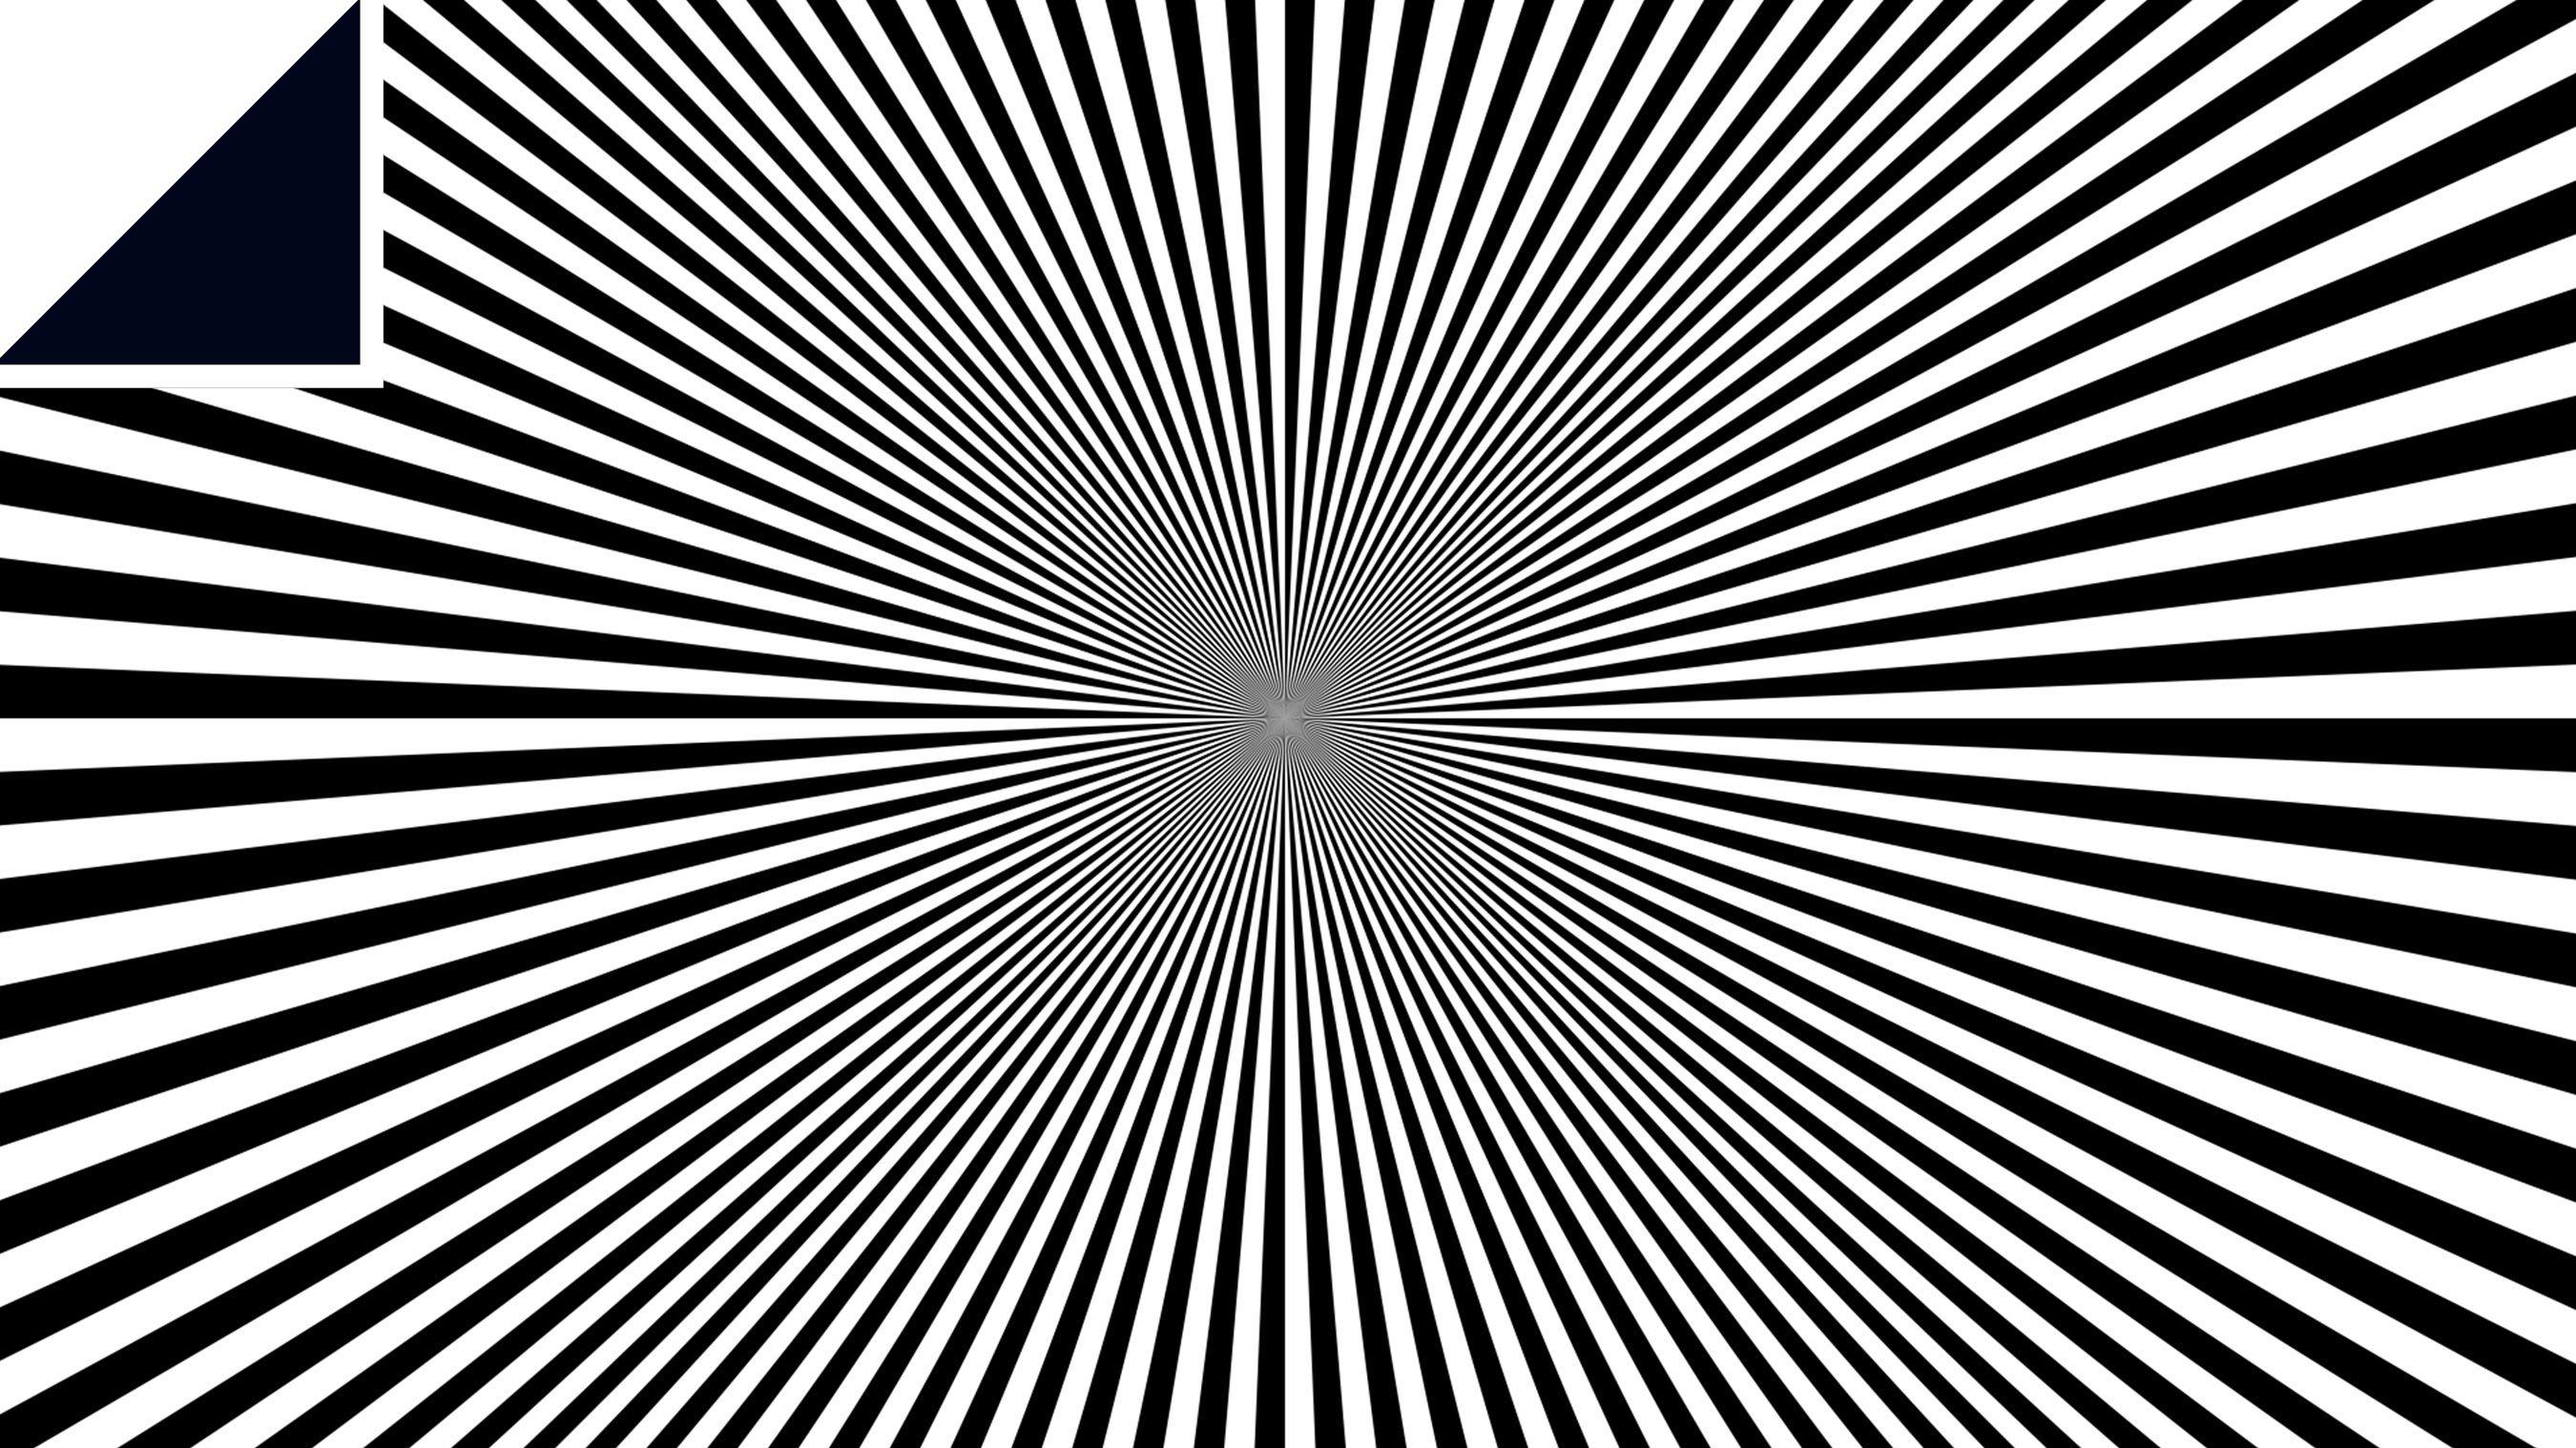 AIは目の錯覚を学習できるか?GANを使って生成を試みた結果